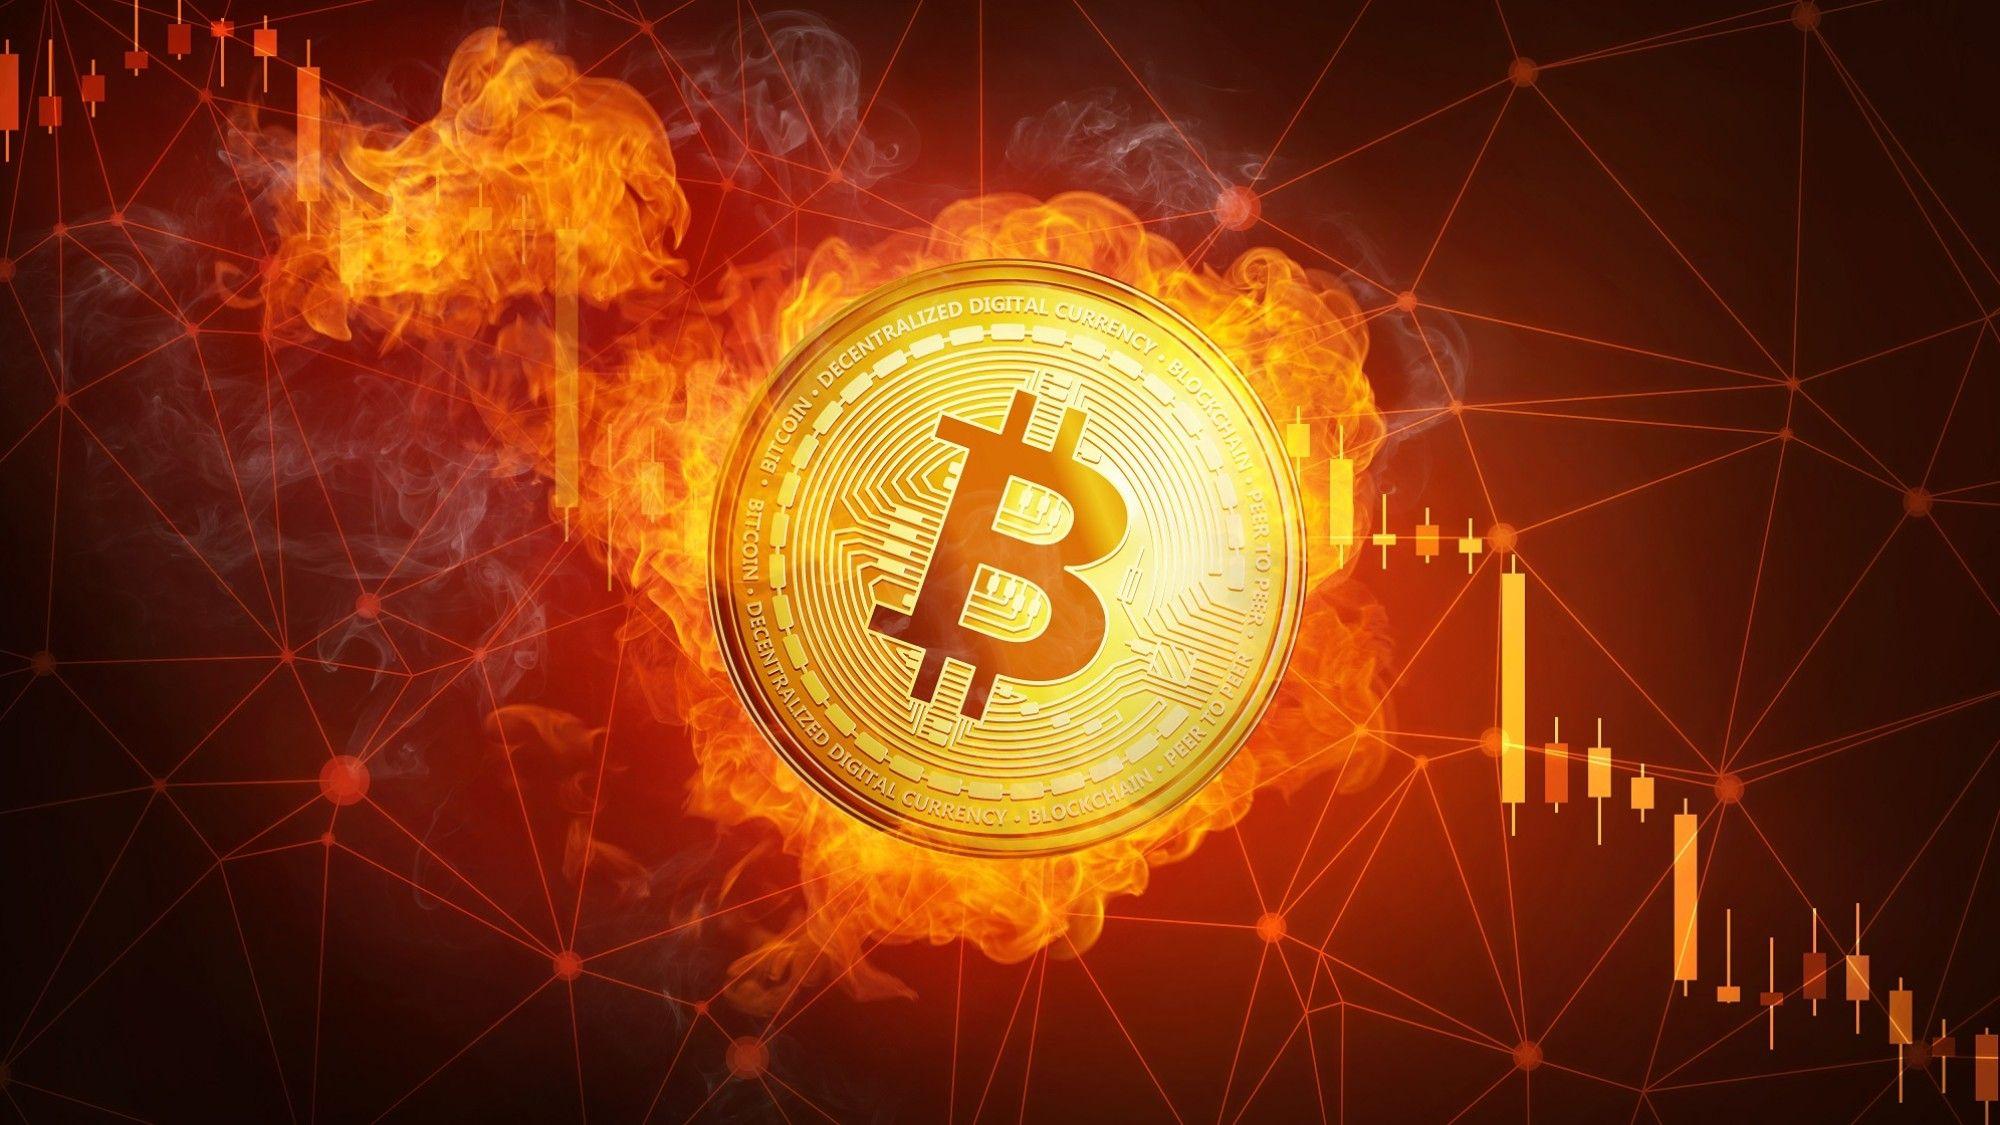 Usta analiz btc ralli aciklamasi yapti bitcoin yukseliyor